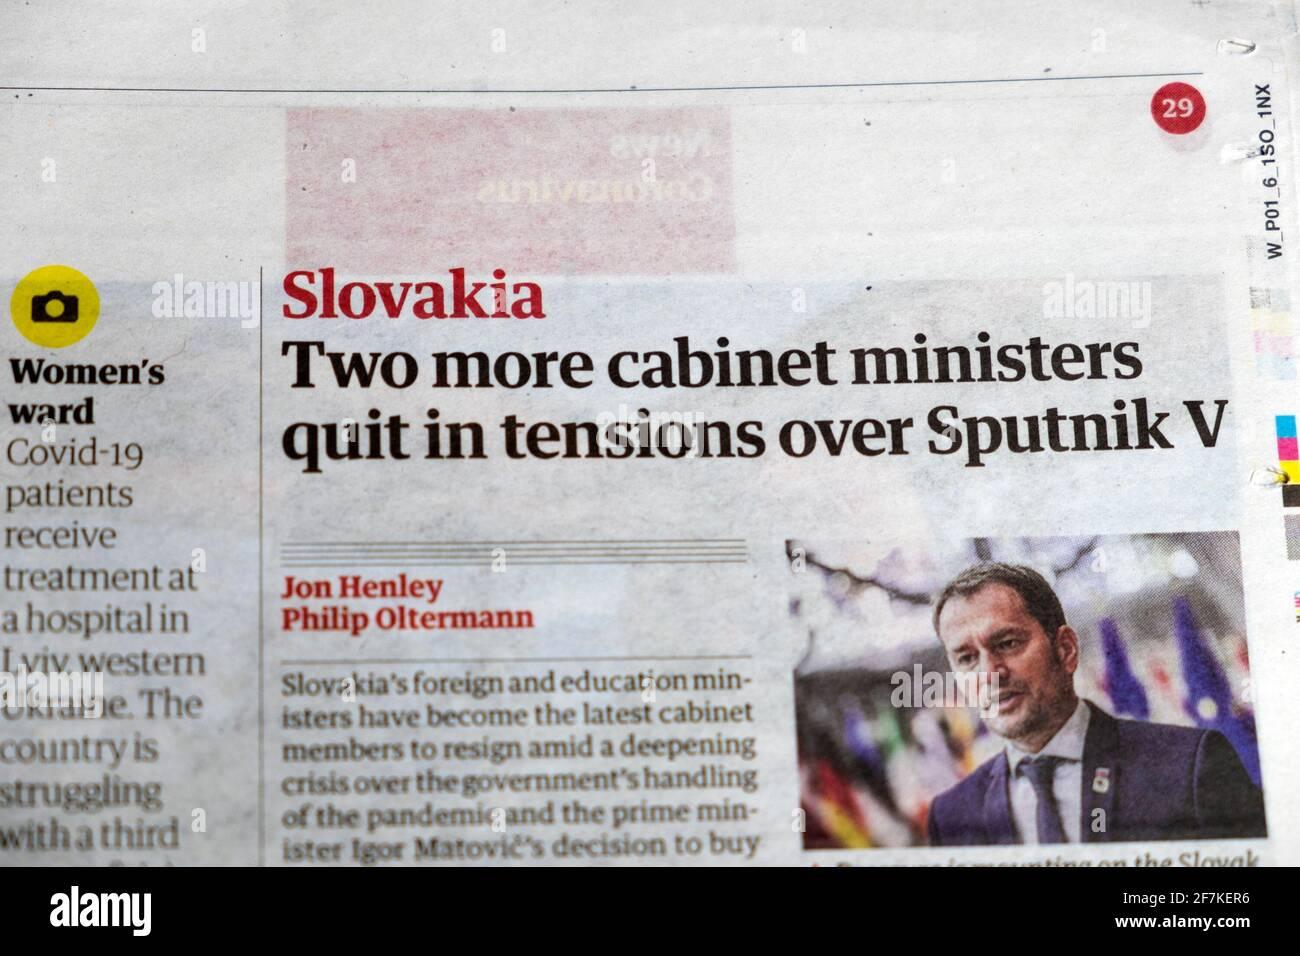 'Lovakia altri due ministri del governo si sono ritirati nelle tensioni su Sputnik V' titolo del giornale all'interno dell'articolo della pagina in Guardian 25 marzo 2021 Londra Regno Unito Foto Stock